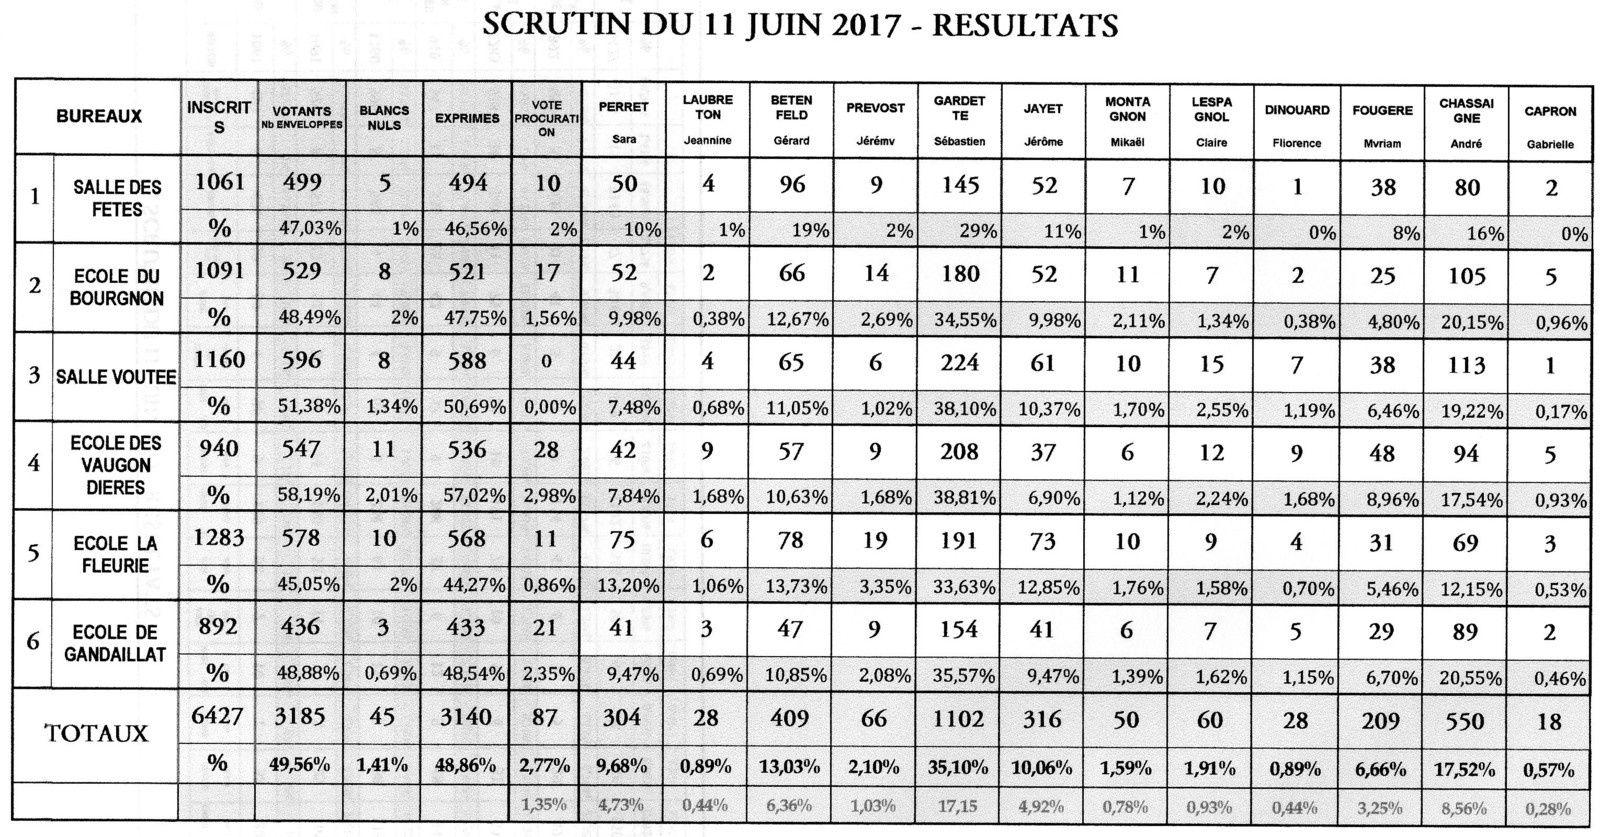 Scrutin du 11 juin 2017 - résultats Bureaux Lempdes  -  Total 5ème circonscription